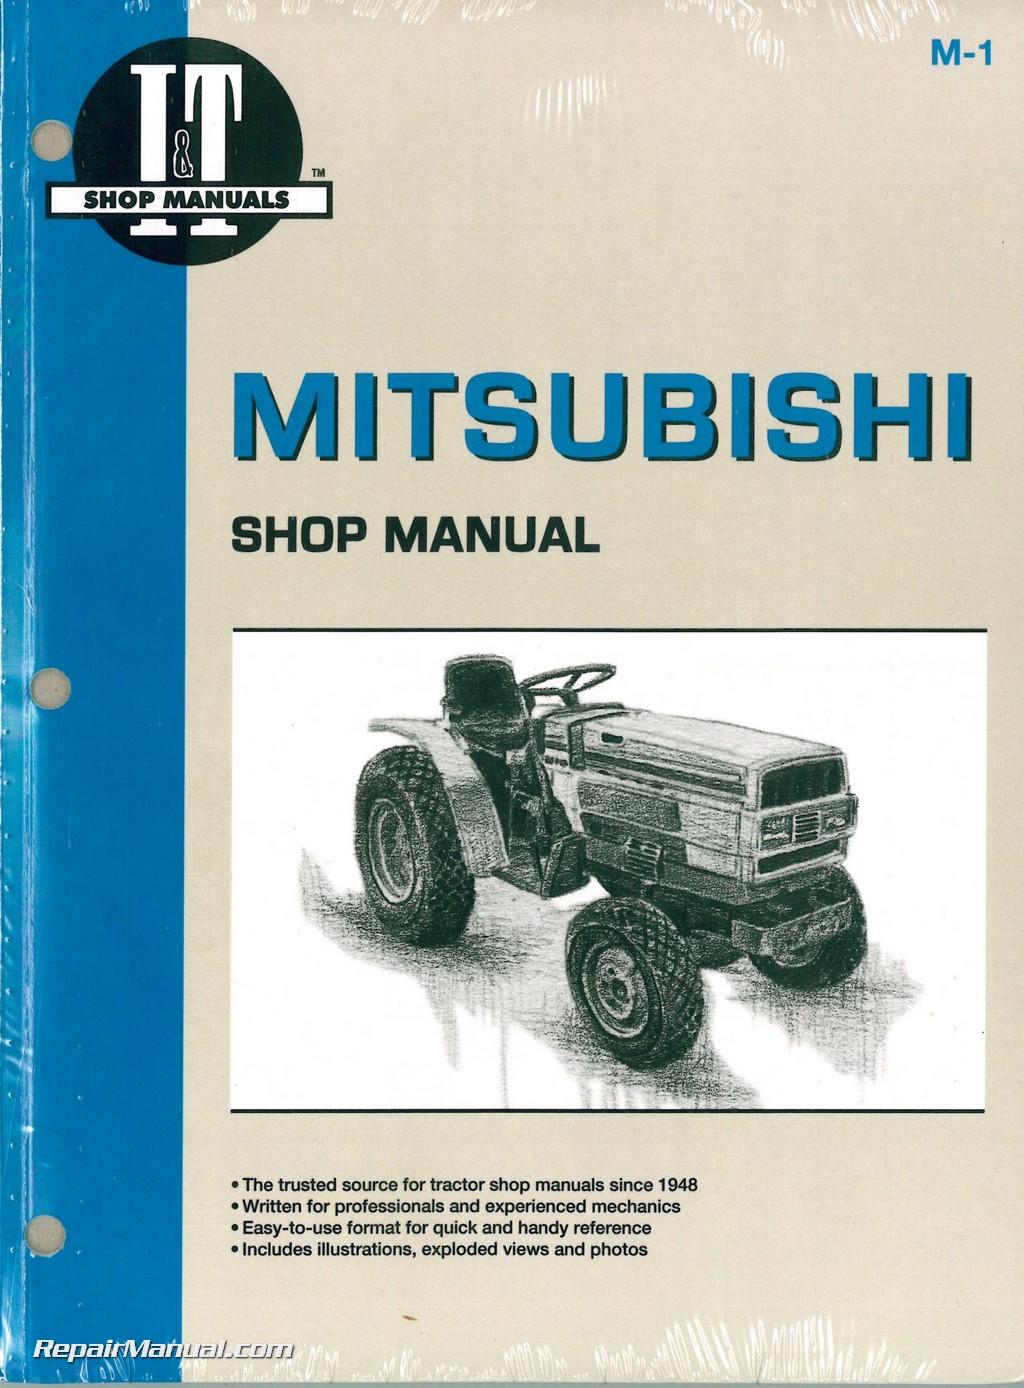 Mitsubishi MT160 MT160D MT180 MT180D MT180H MT180HD MT210 MT210D MT250  MT250D MT300 MT300D Tractor Repair Manual